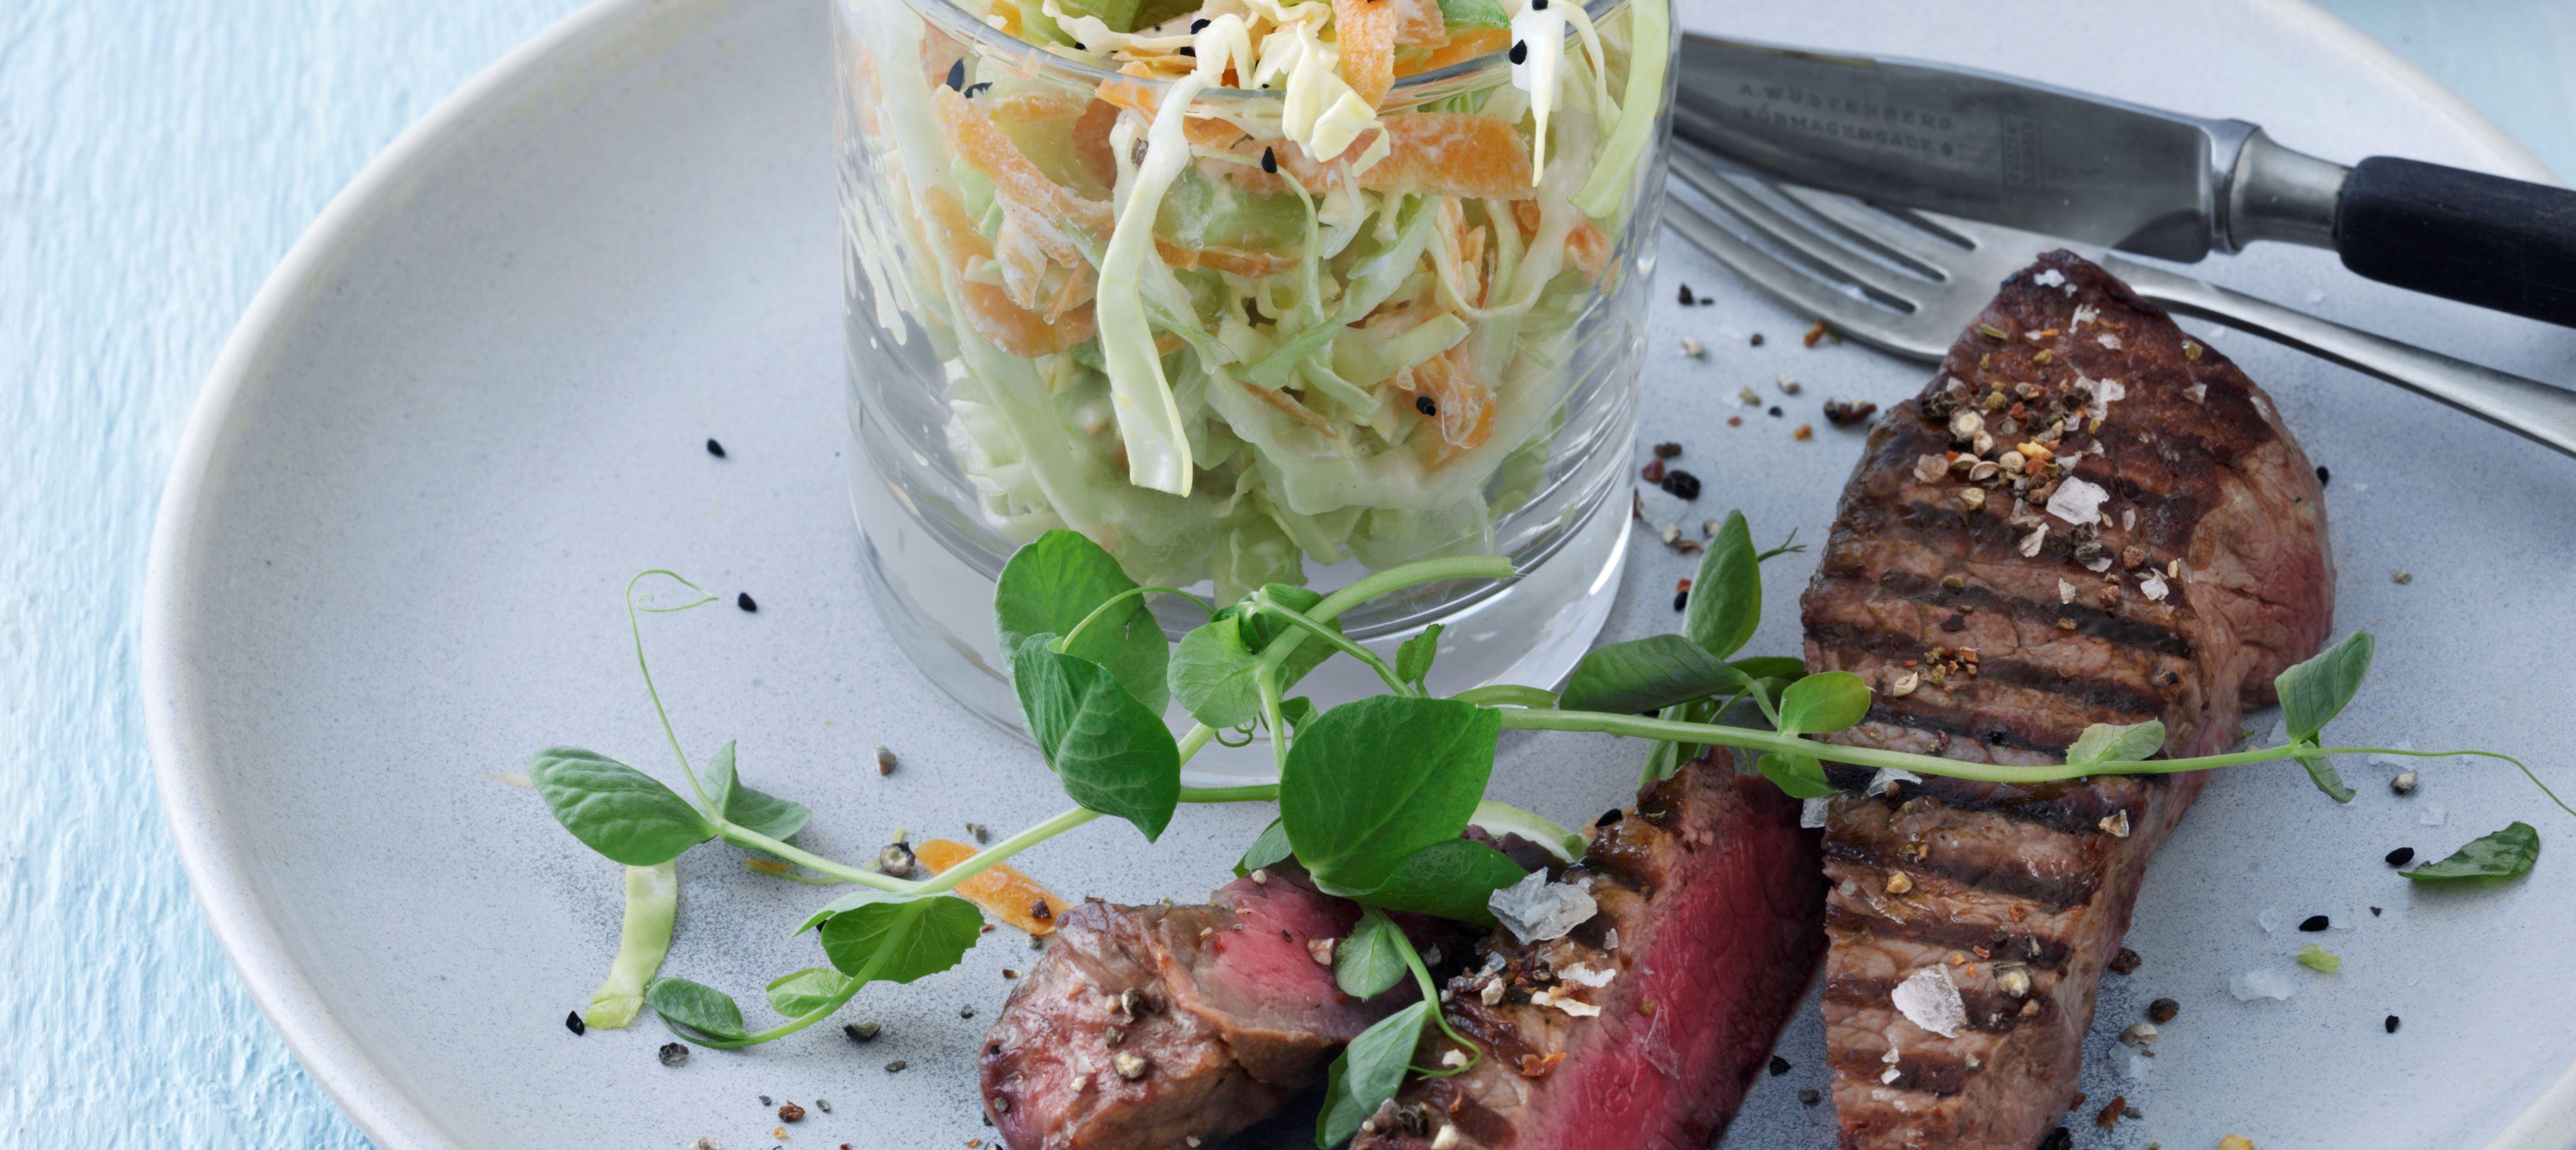 Steak og cremet coleslaw med nigella